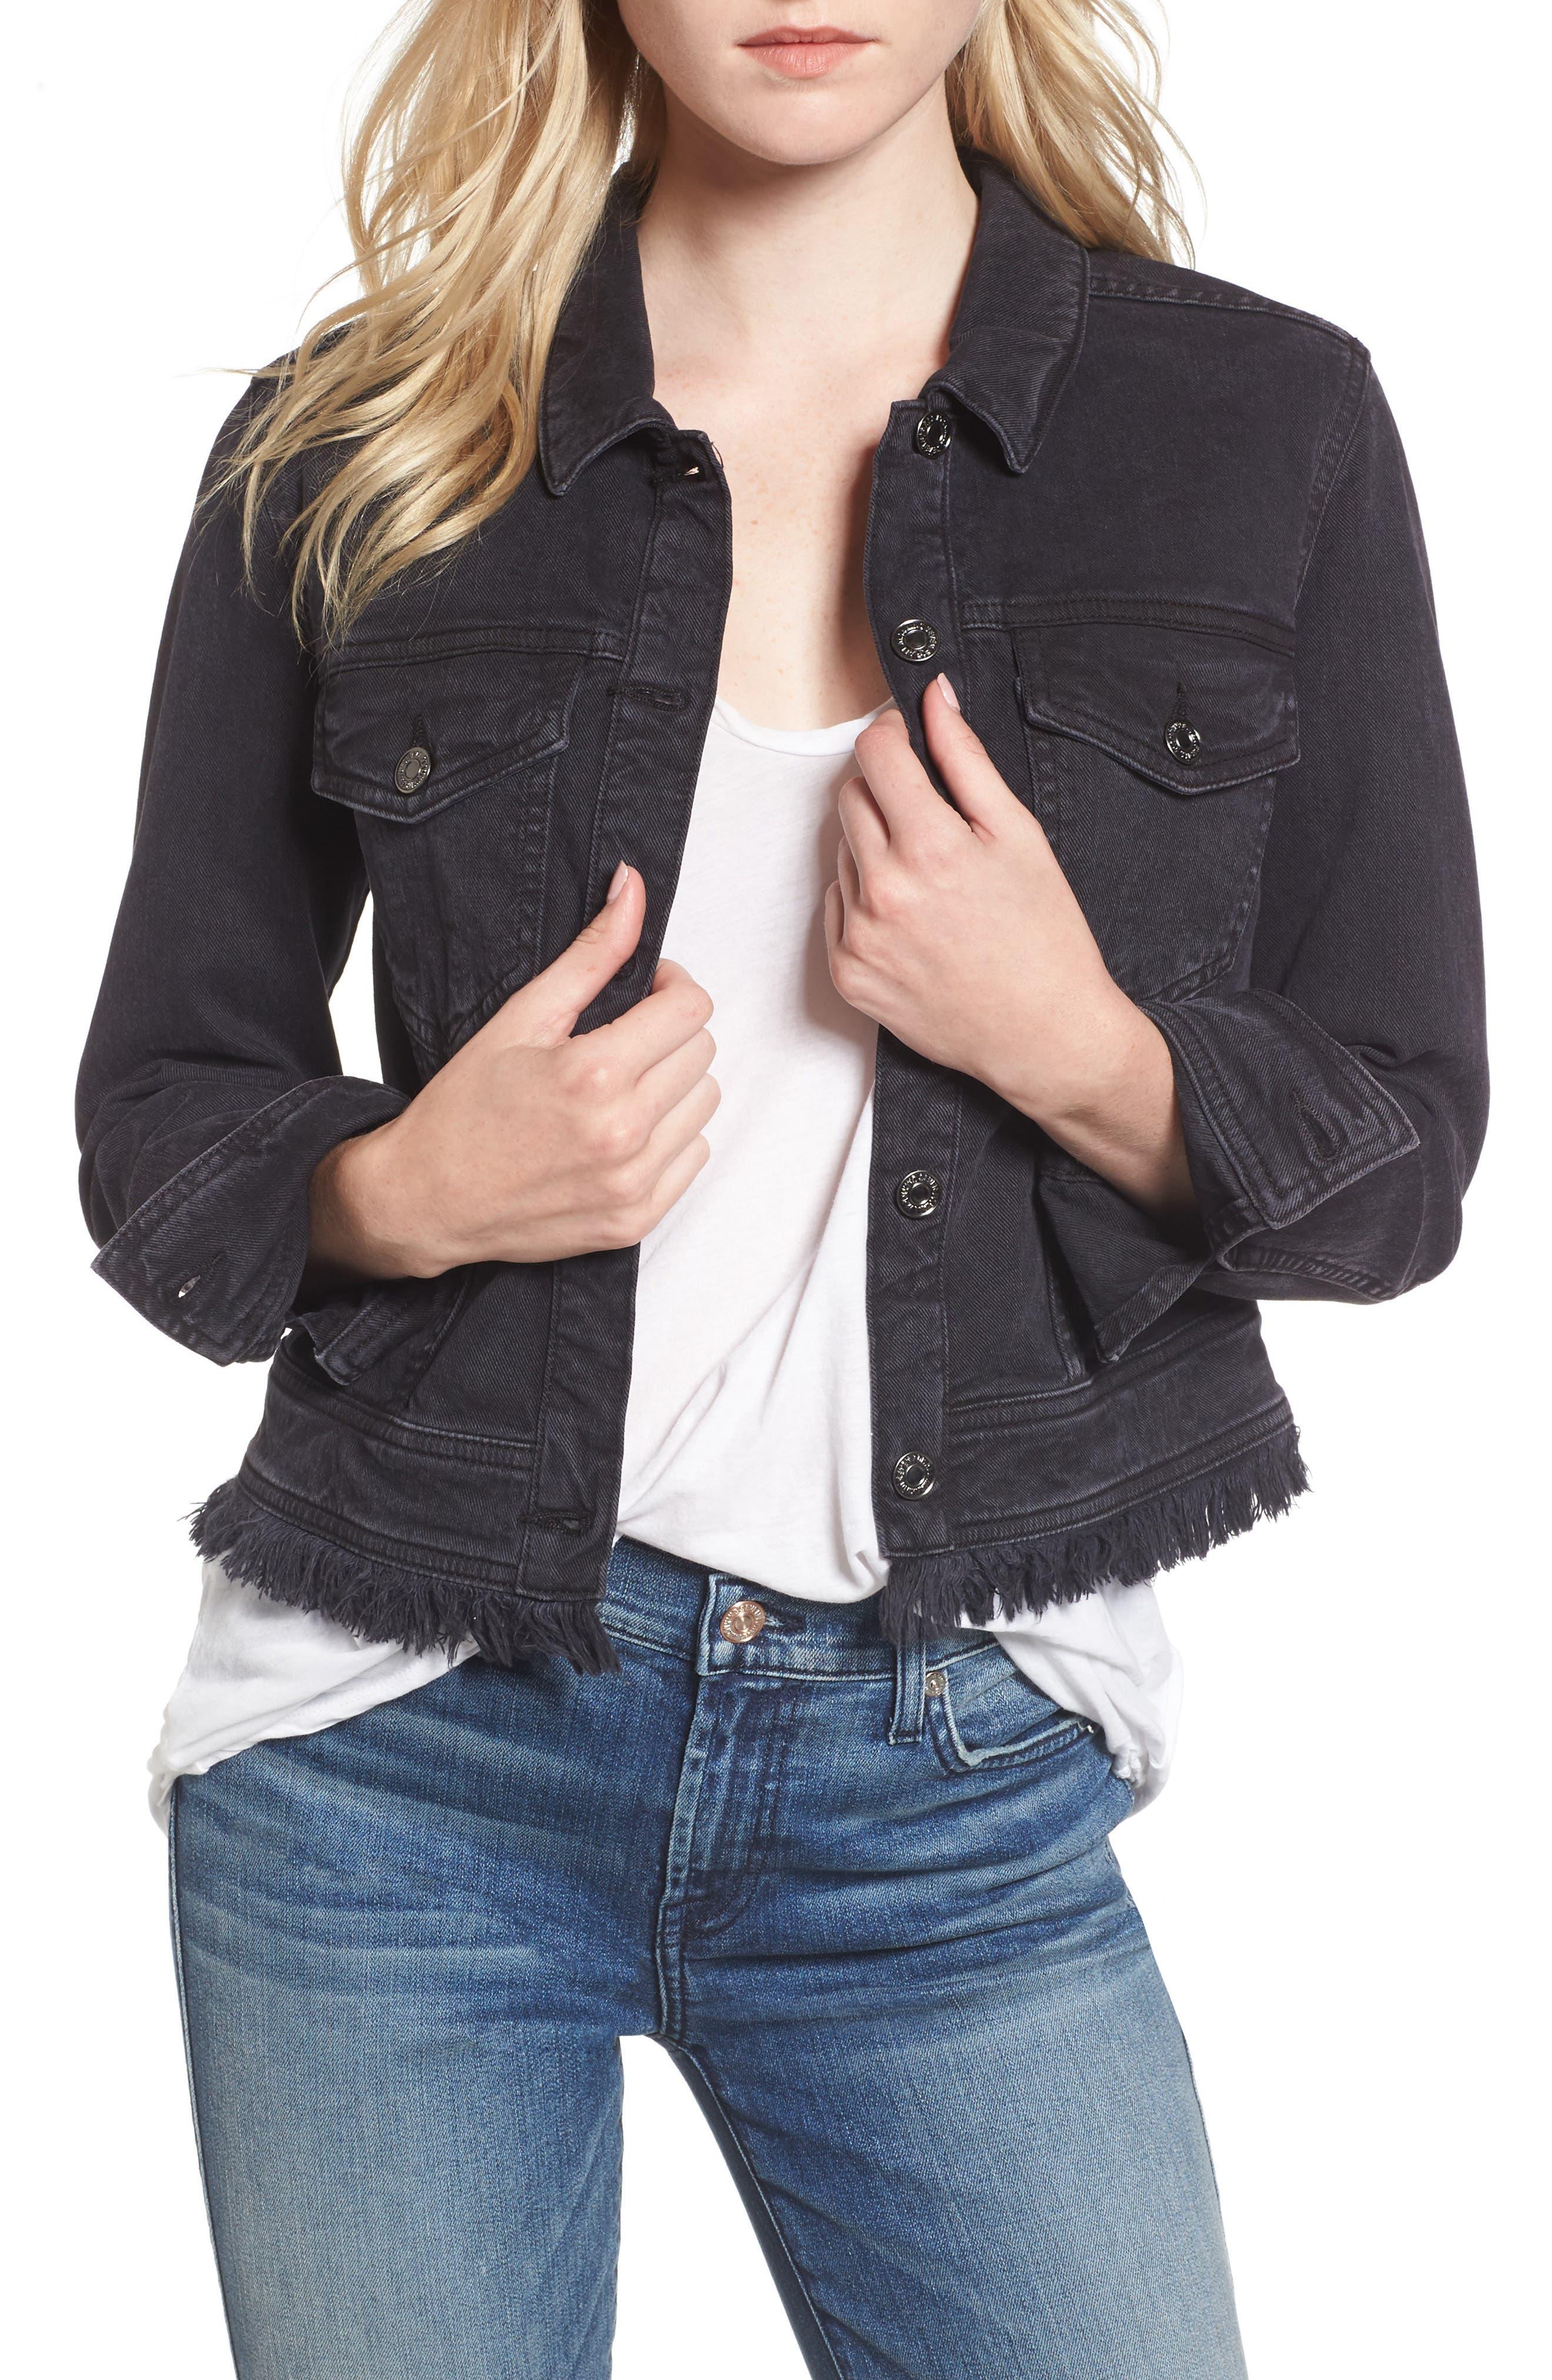 Alternate Image 1 Selected - 7 For All Mankind® Embellished Boyfriend Denim Jacket